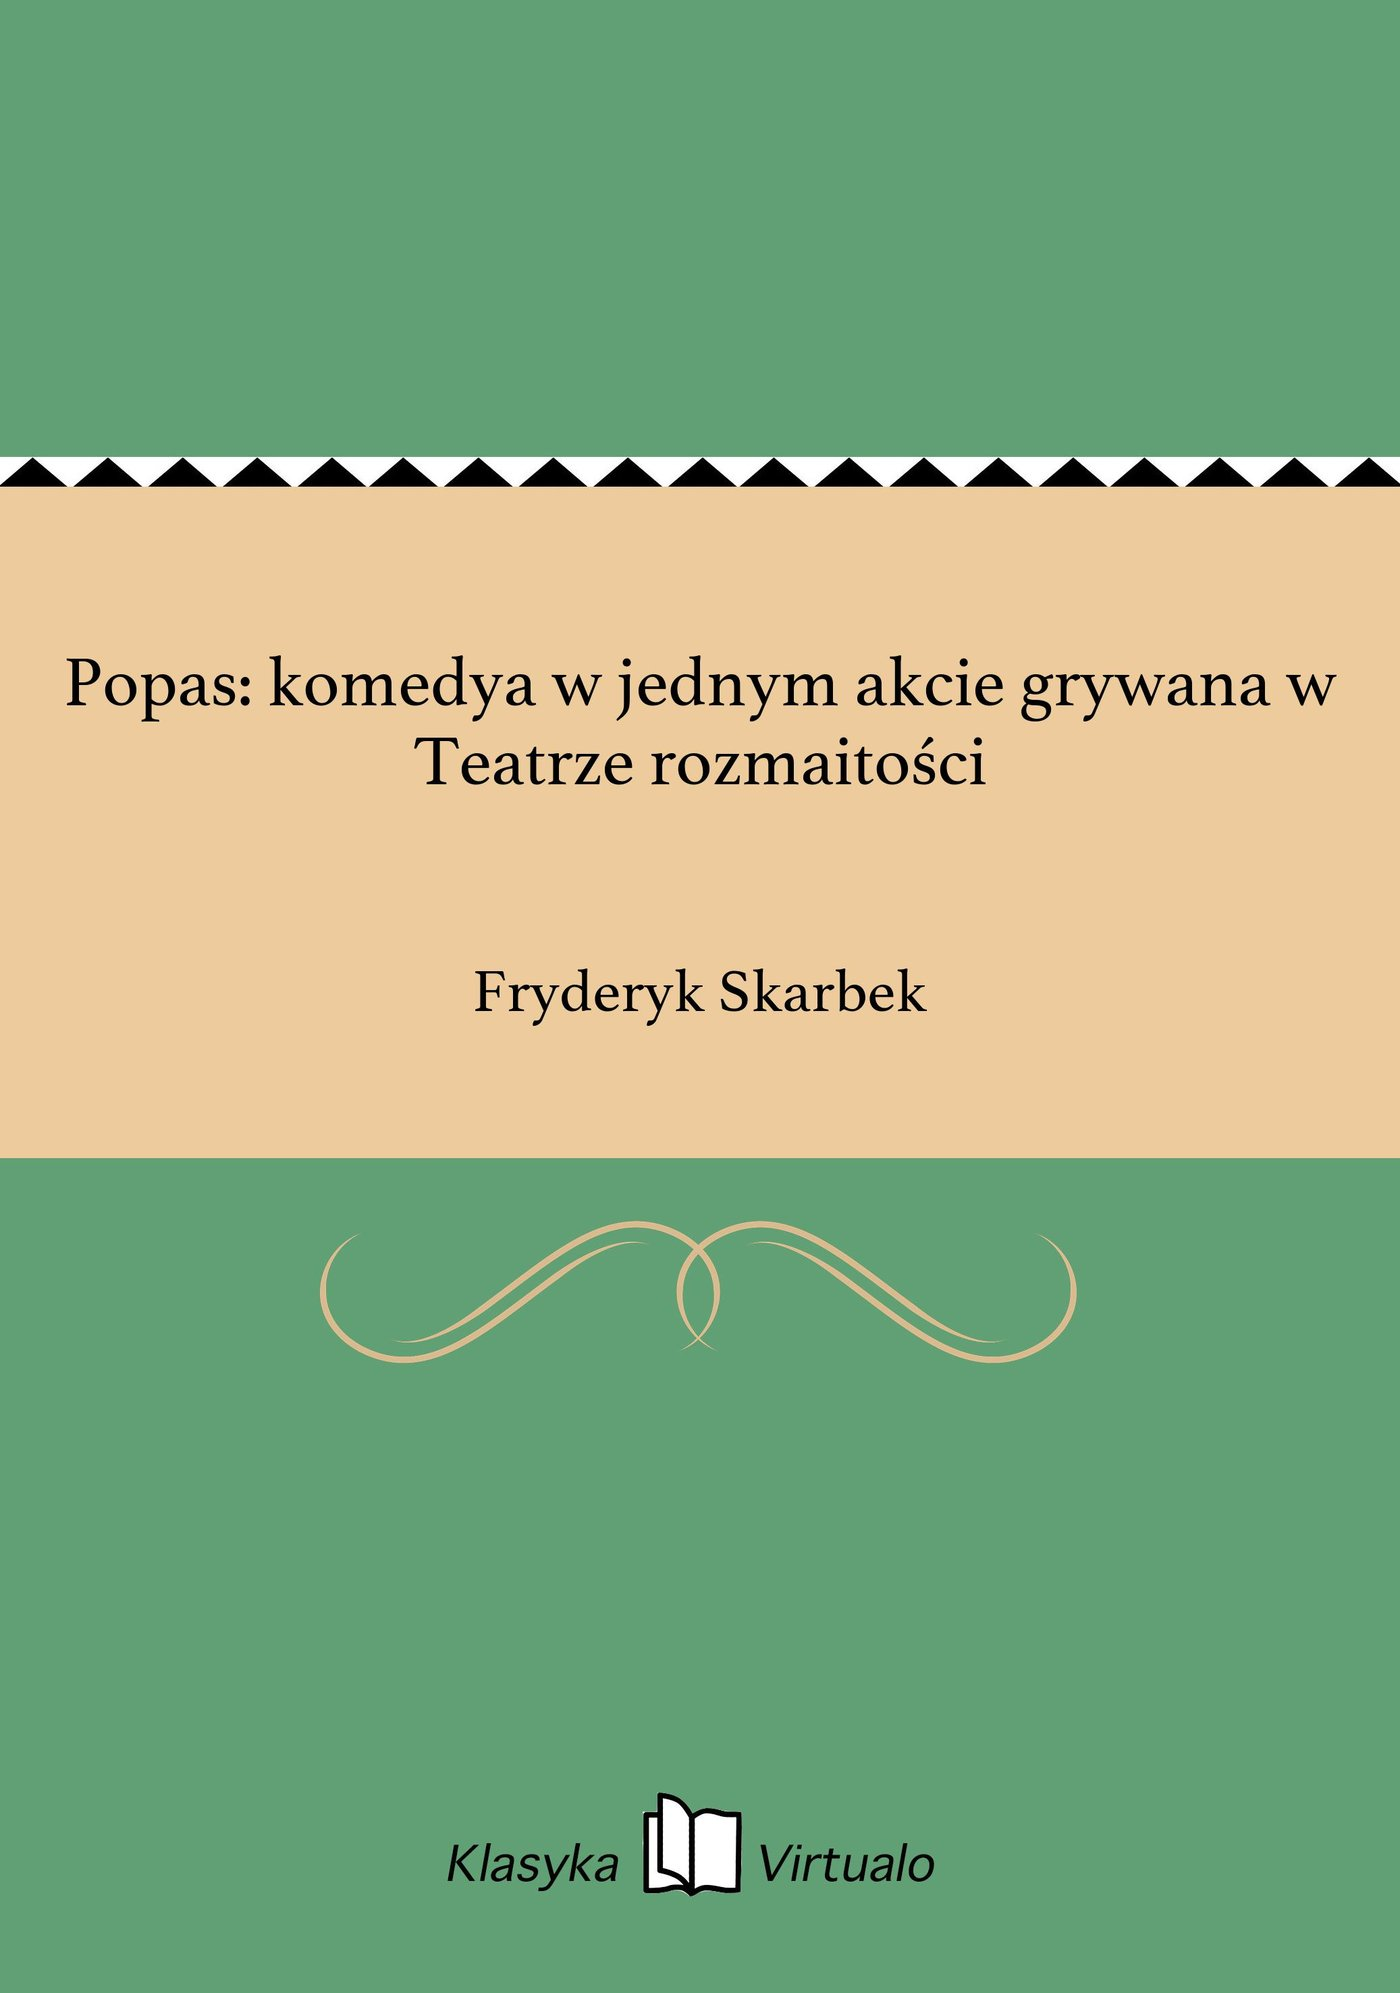 Popas: komedya w jednym akcie grywana w Teatrze rozmaitości - Ebook (Książka EPUB) do pobrania w formacie EPUB